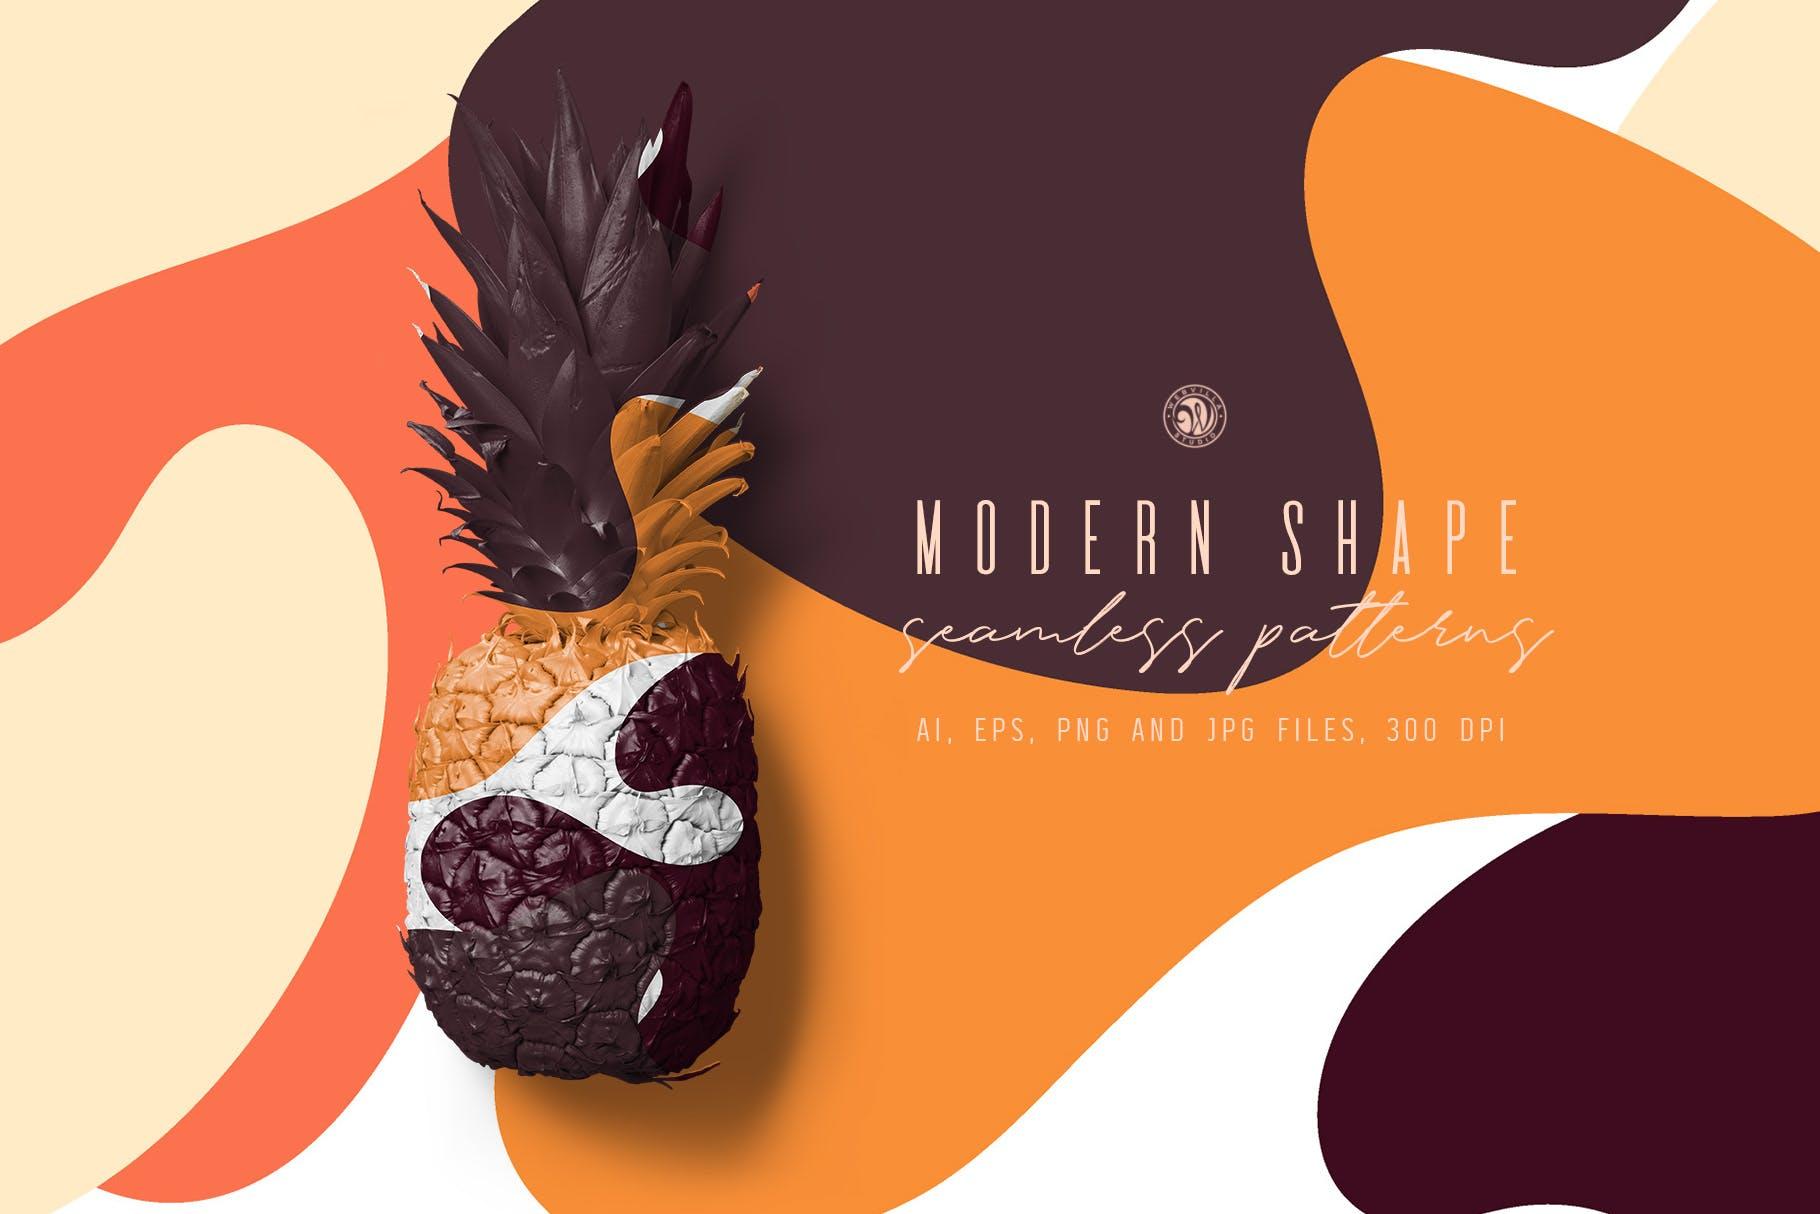 现代抽象几何形状创意装饰图案素材Modern Shape Patterns插图(1)